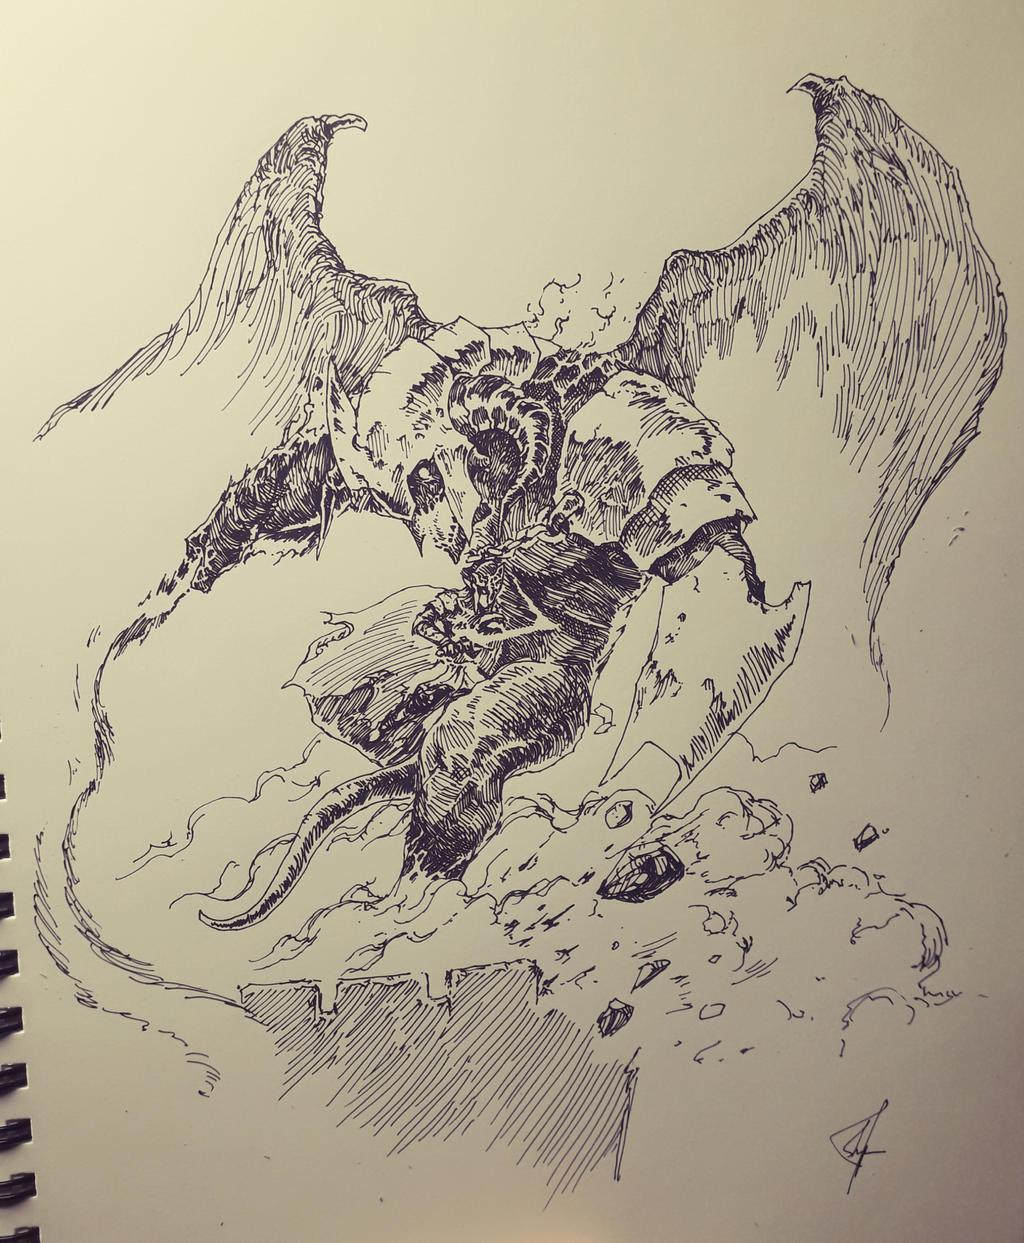 Ecthelion vs Gothmog by ashpwright